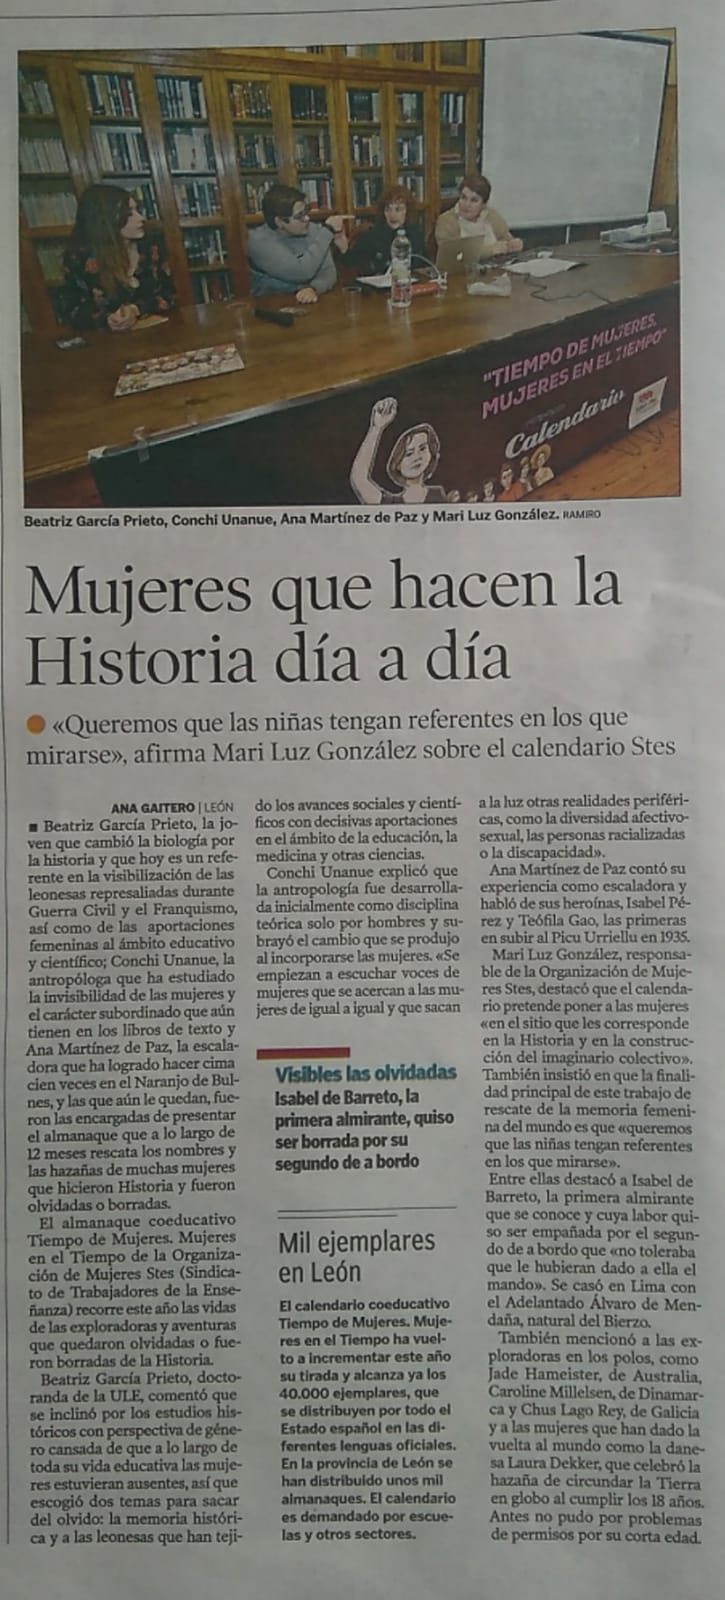 Calendario_TiempodeMujeres_2019_Diario-Leon